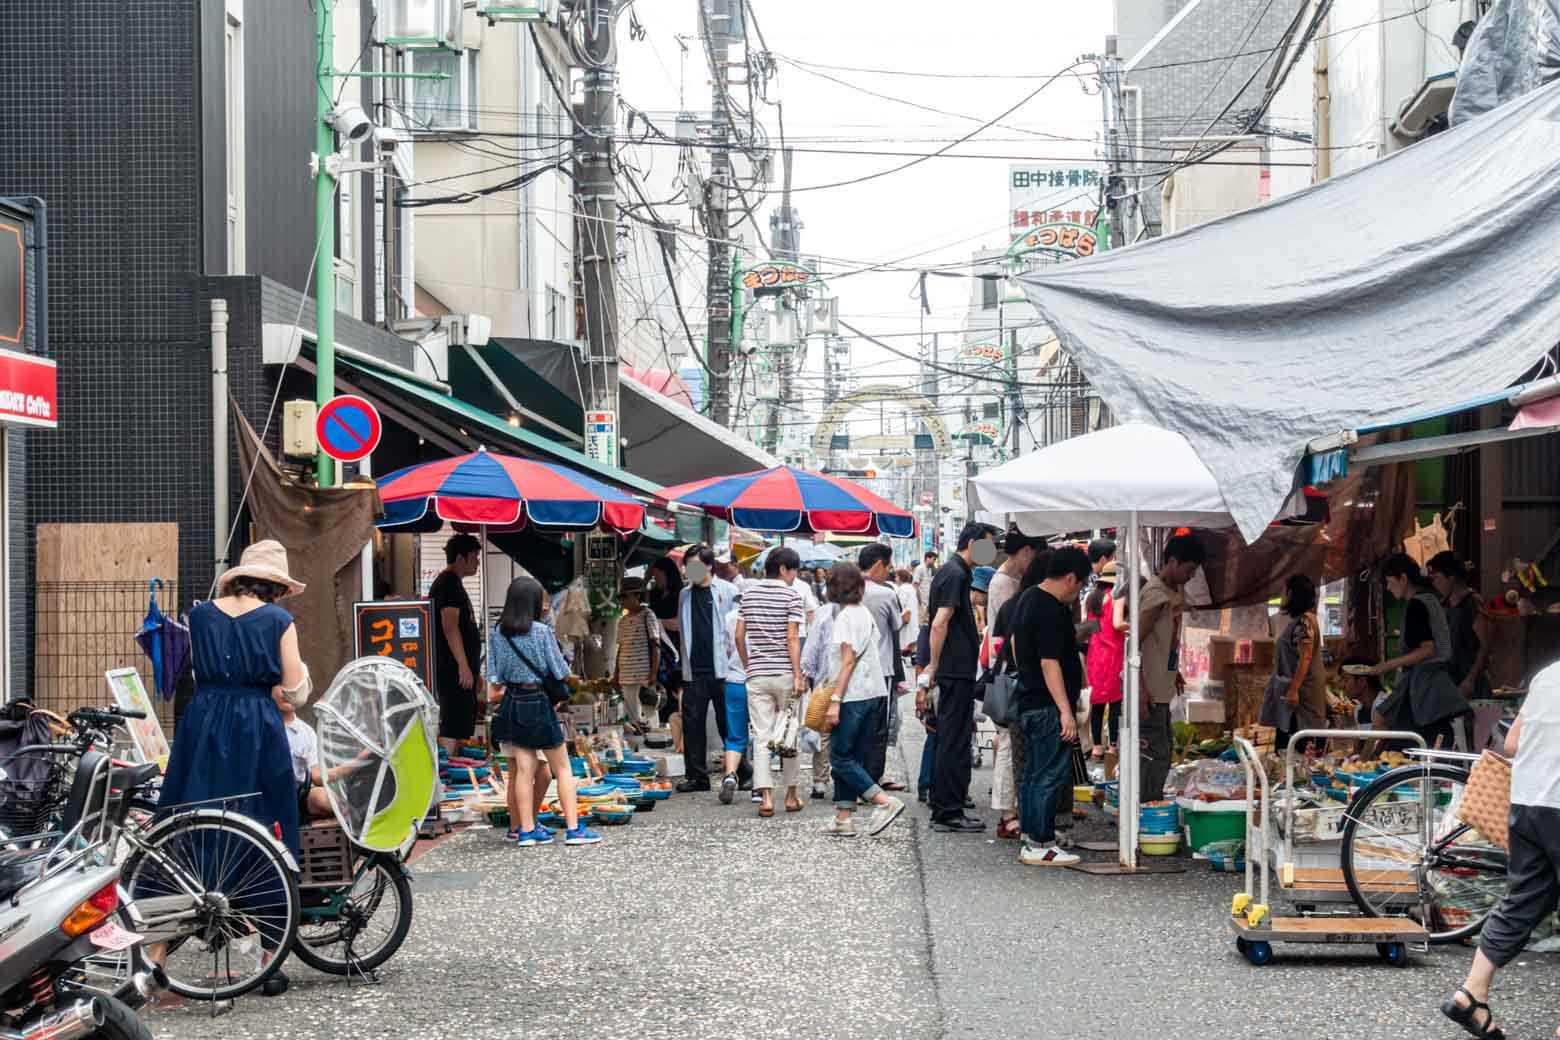 駅から少し離れているうえ、近くに大型商業施設もあり、さらにすぐに横浜へアクセスできる立地。……条件だけ見るとかなり厳しいはずですが、ビックリするほど繁盛しています。年末にもなると、一日に数万人以上の人手になるそうですよ。